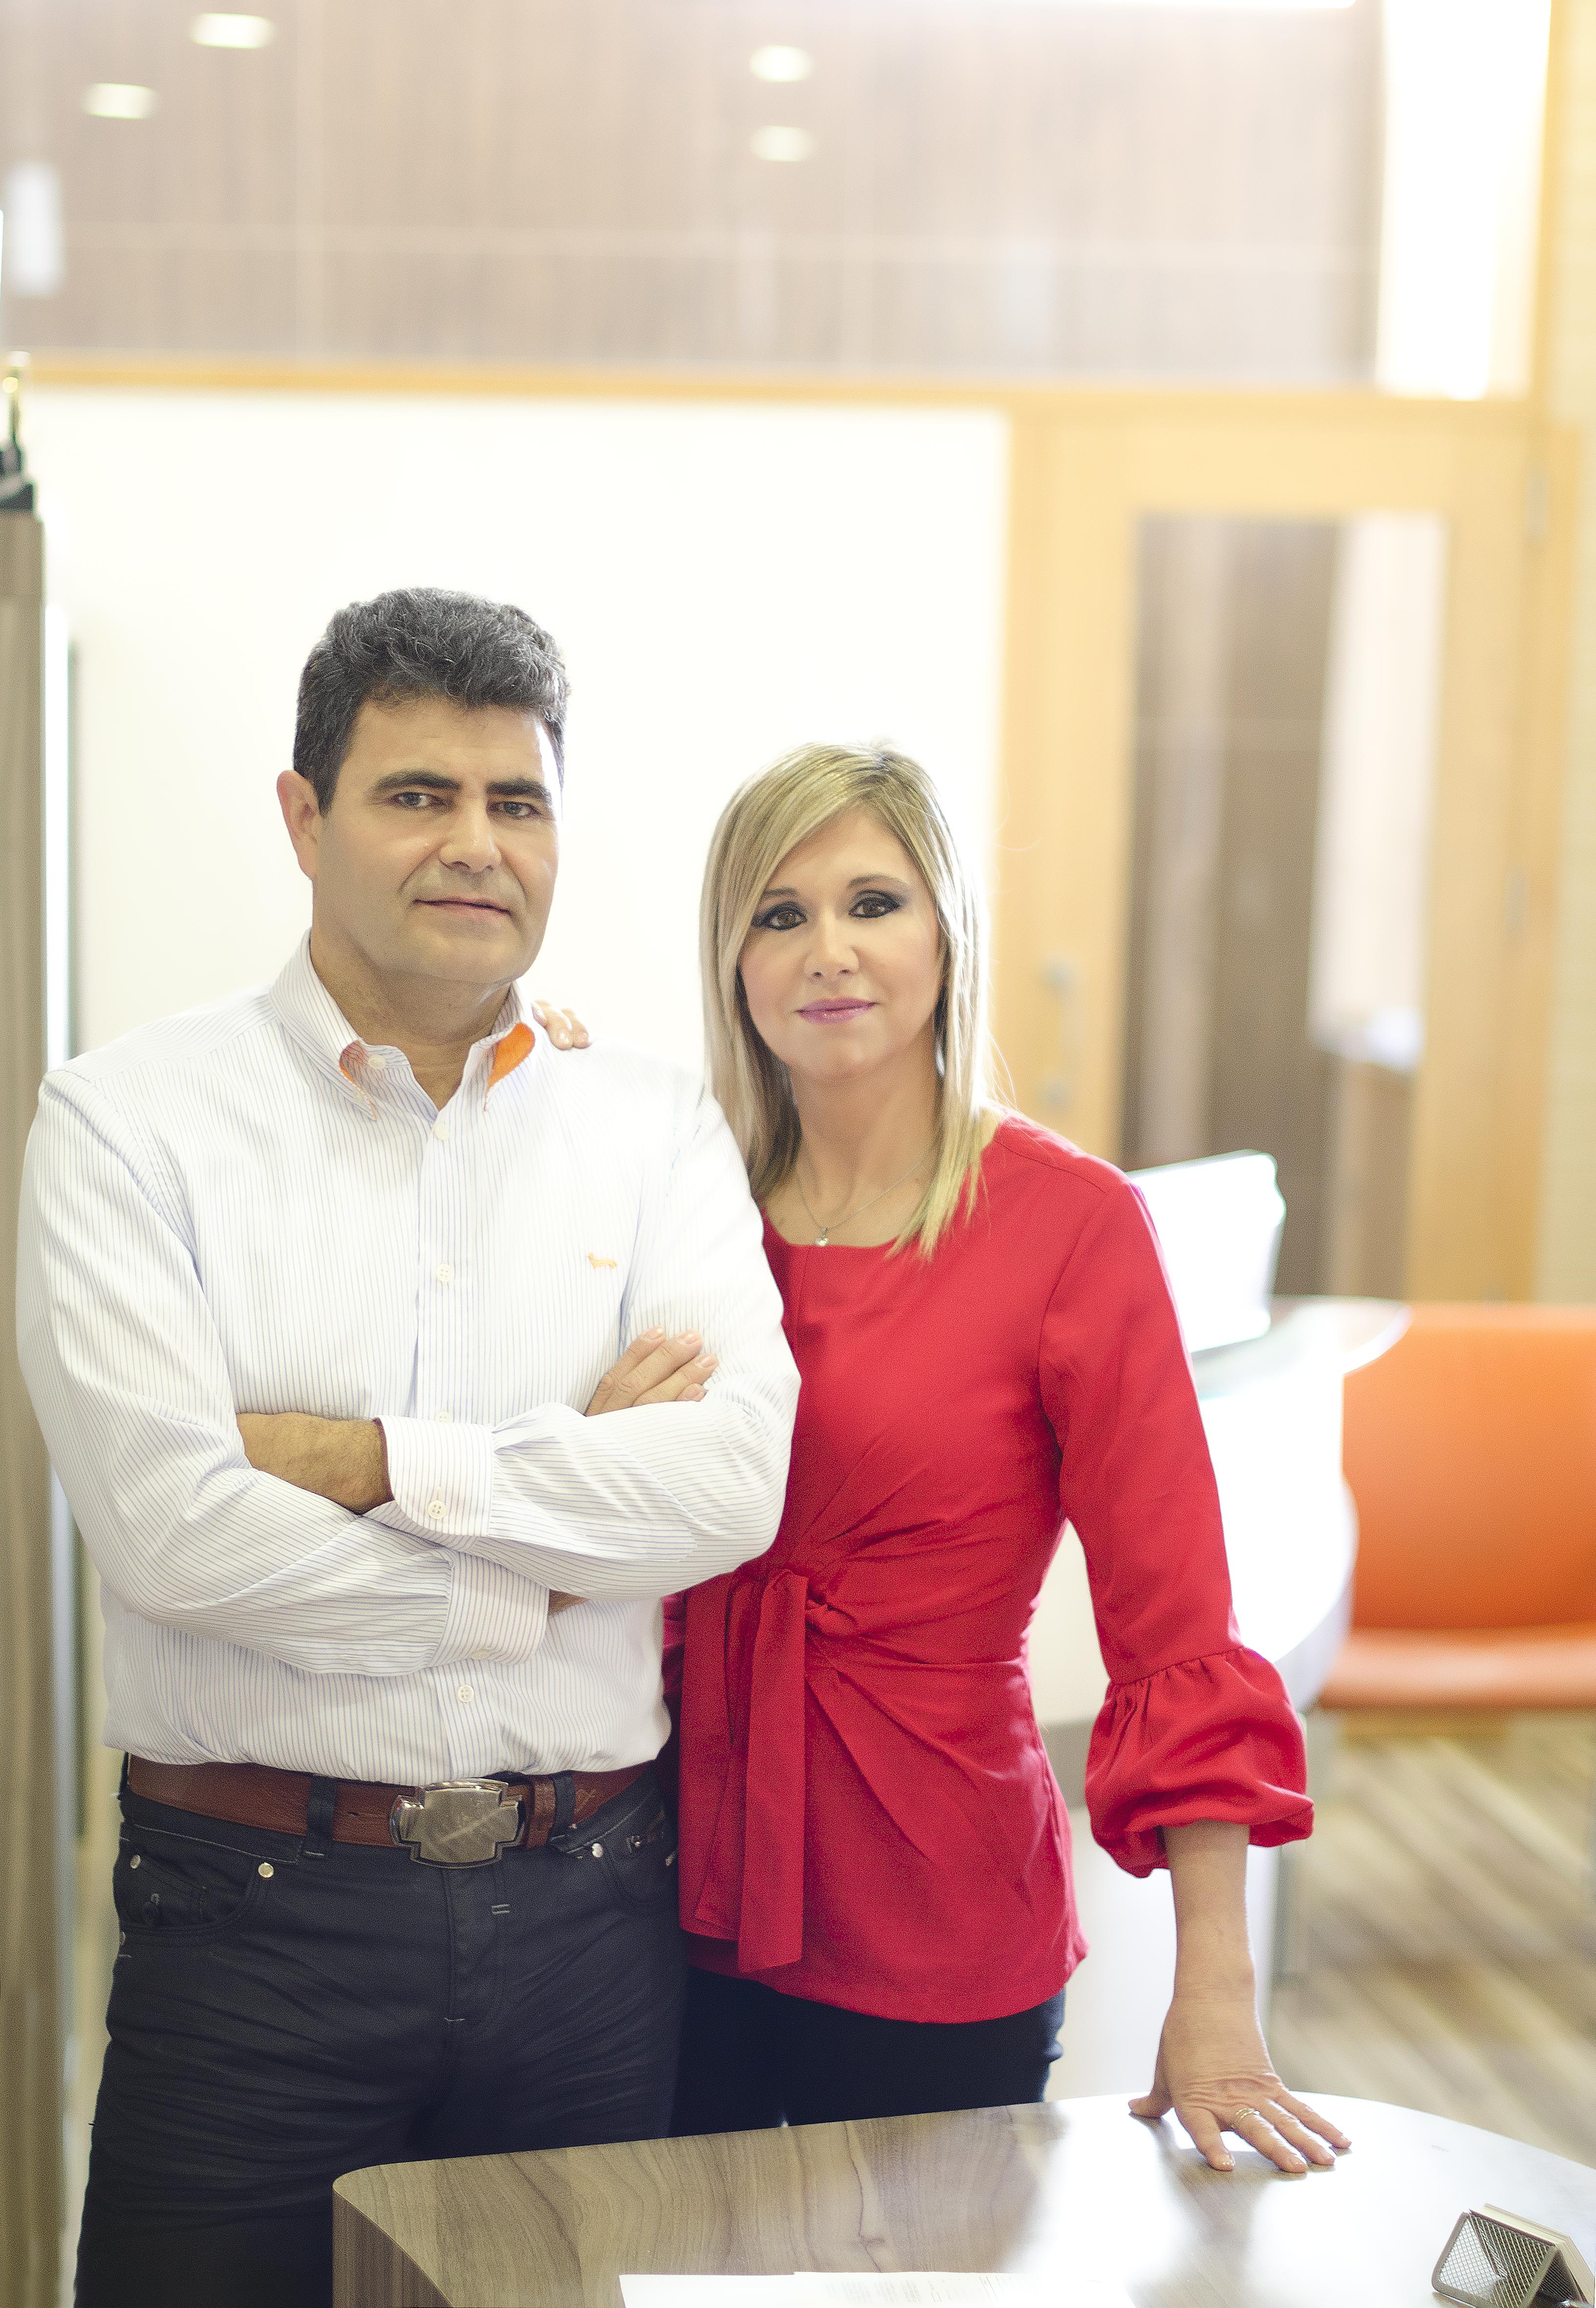 Entrevistamos al emprendedor Antonio Fernández Lázaro, cofundador y gerente de Lázaro Style